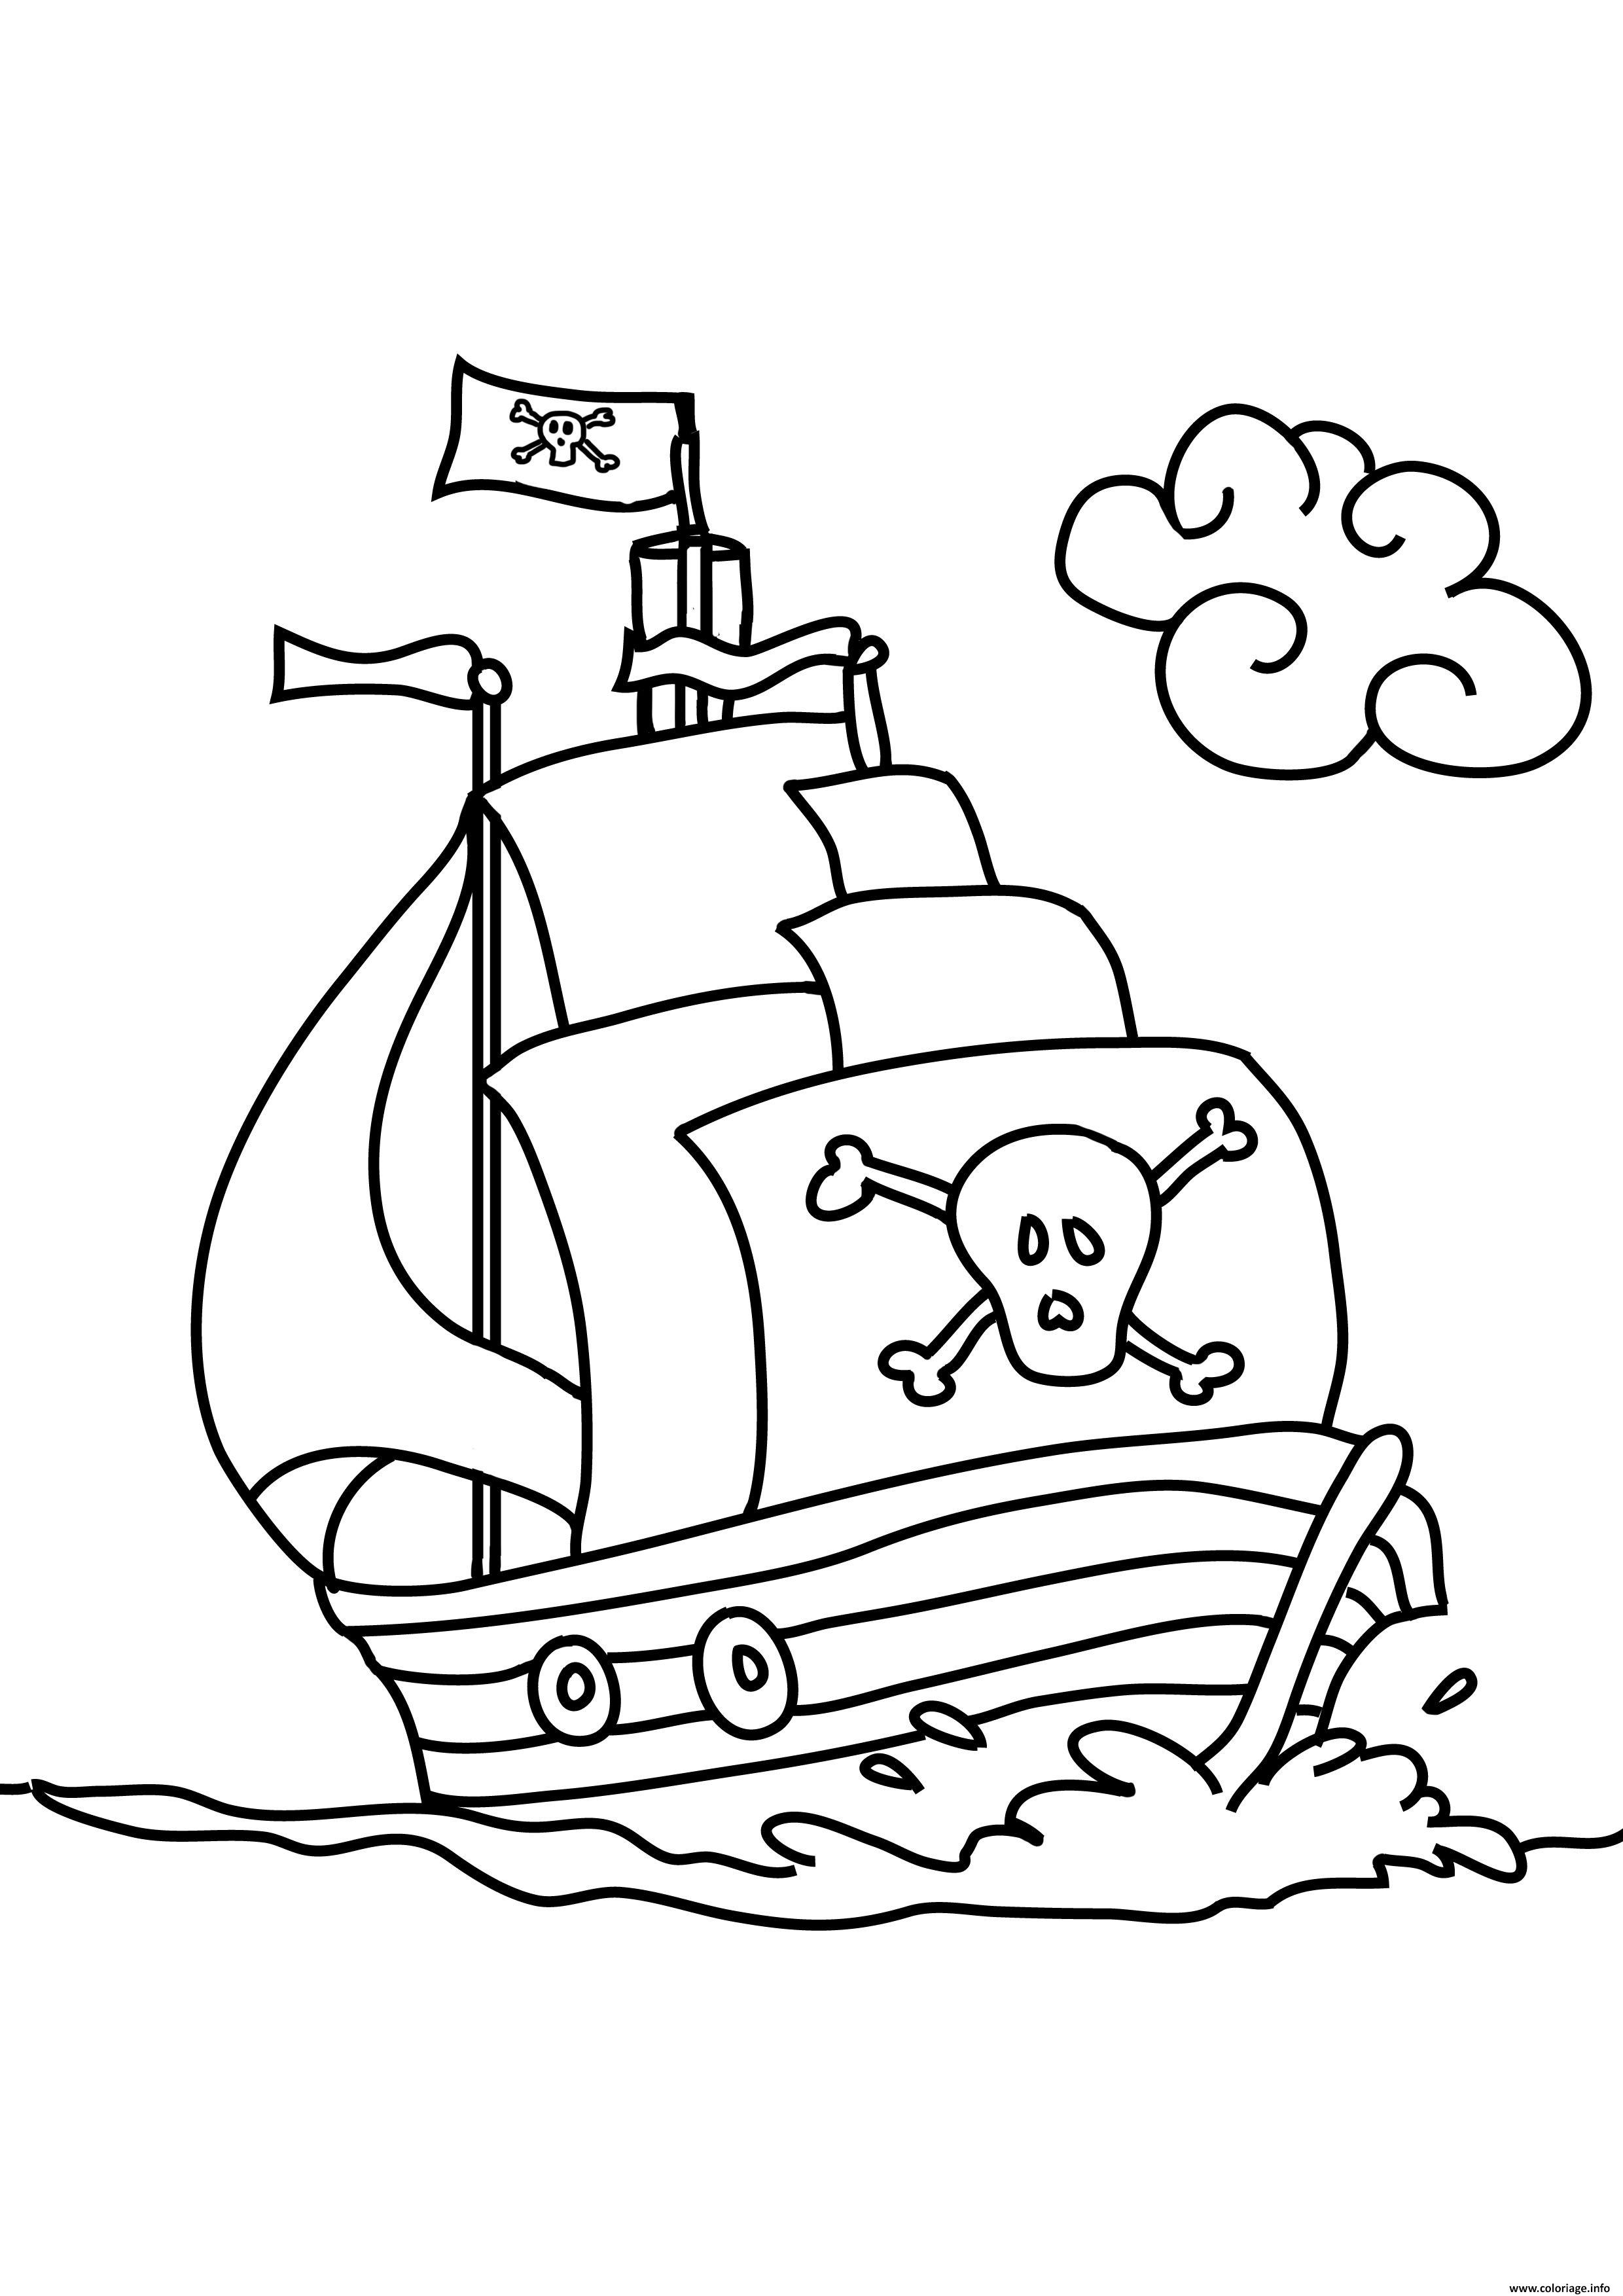 Coloriage Bateau De Princesse.Coloriage Bateau De Pirates Facile Maternelle Dessin